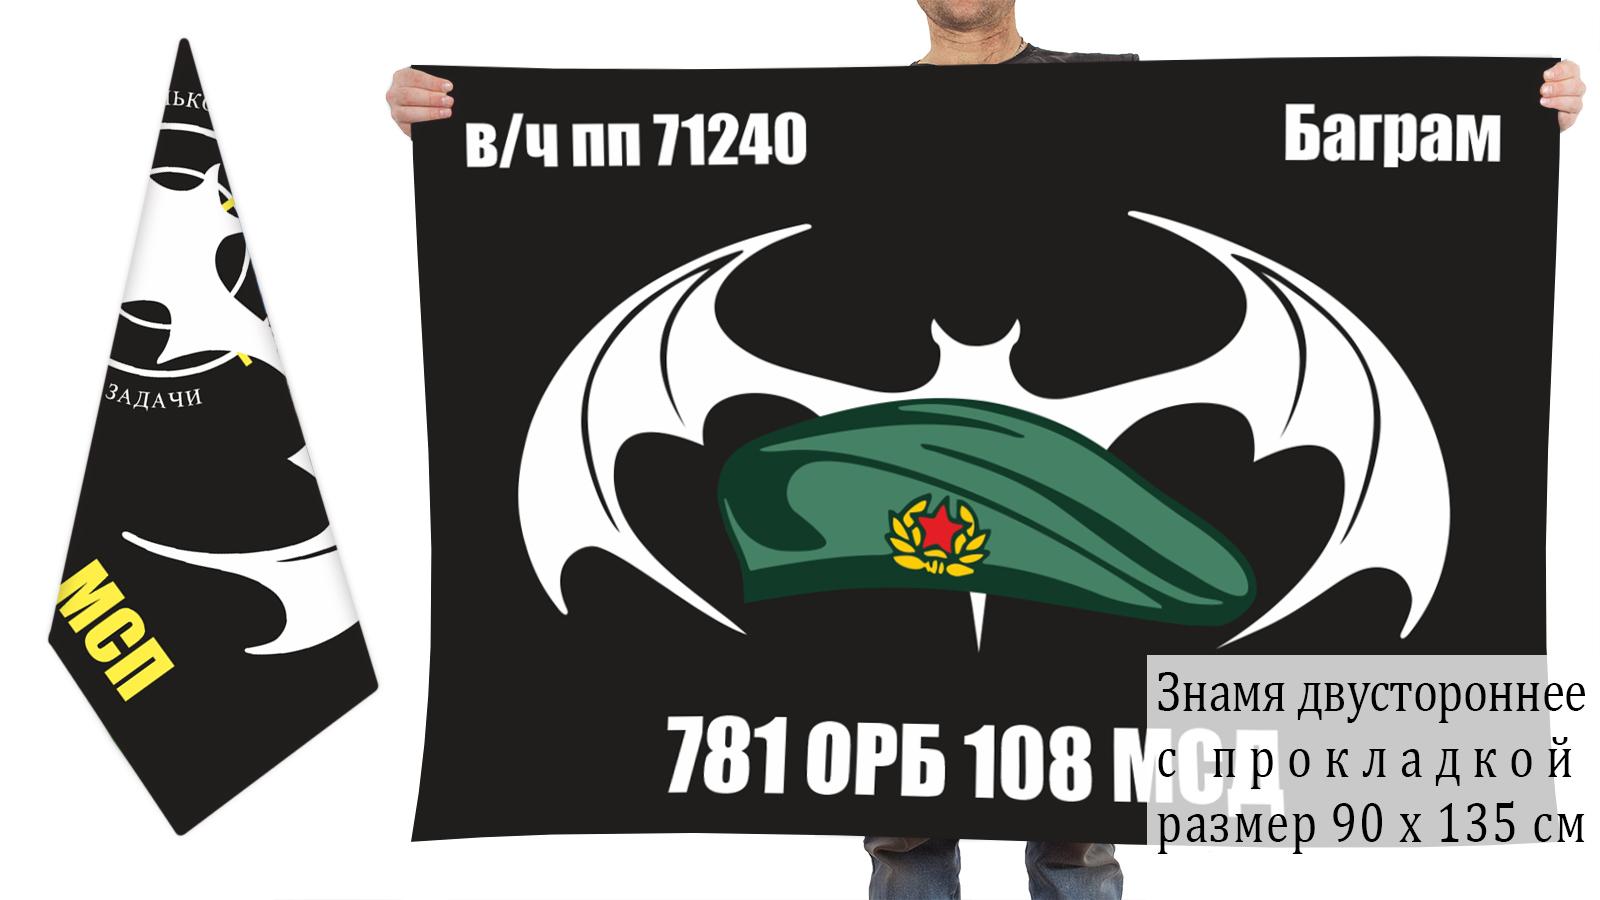 Двусторонний флаг 781 отдельного разведбата 108 МСД